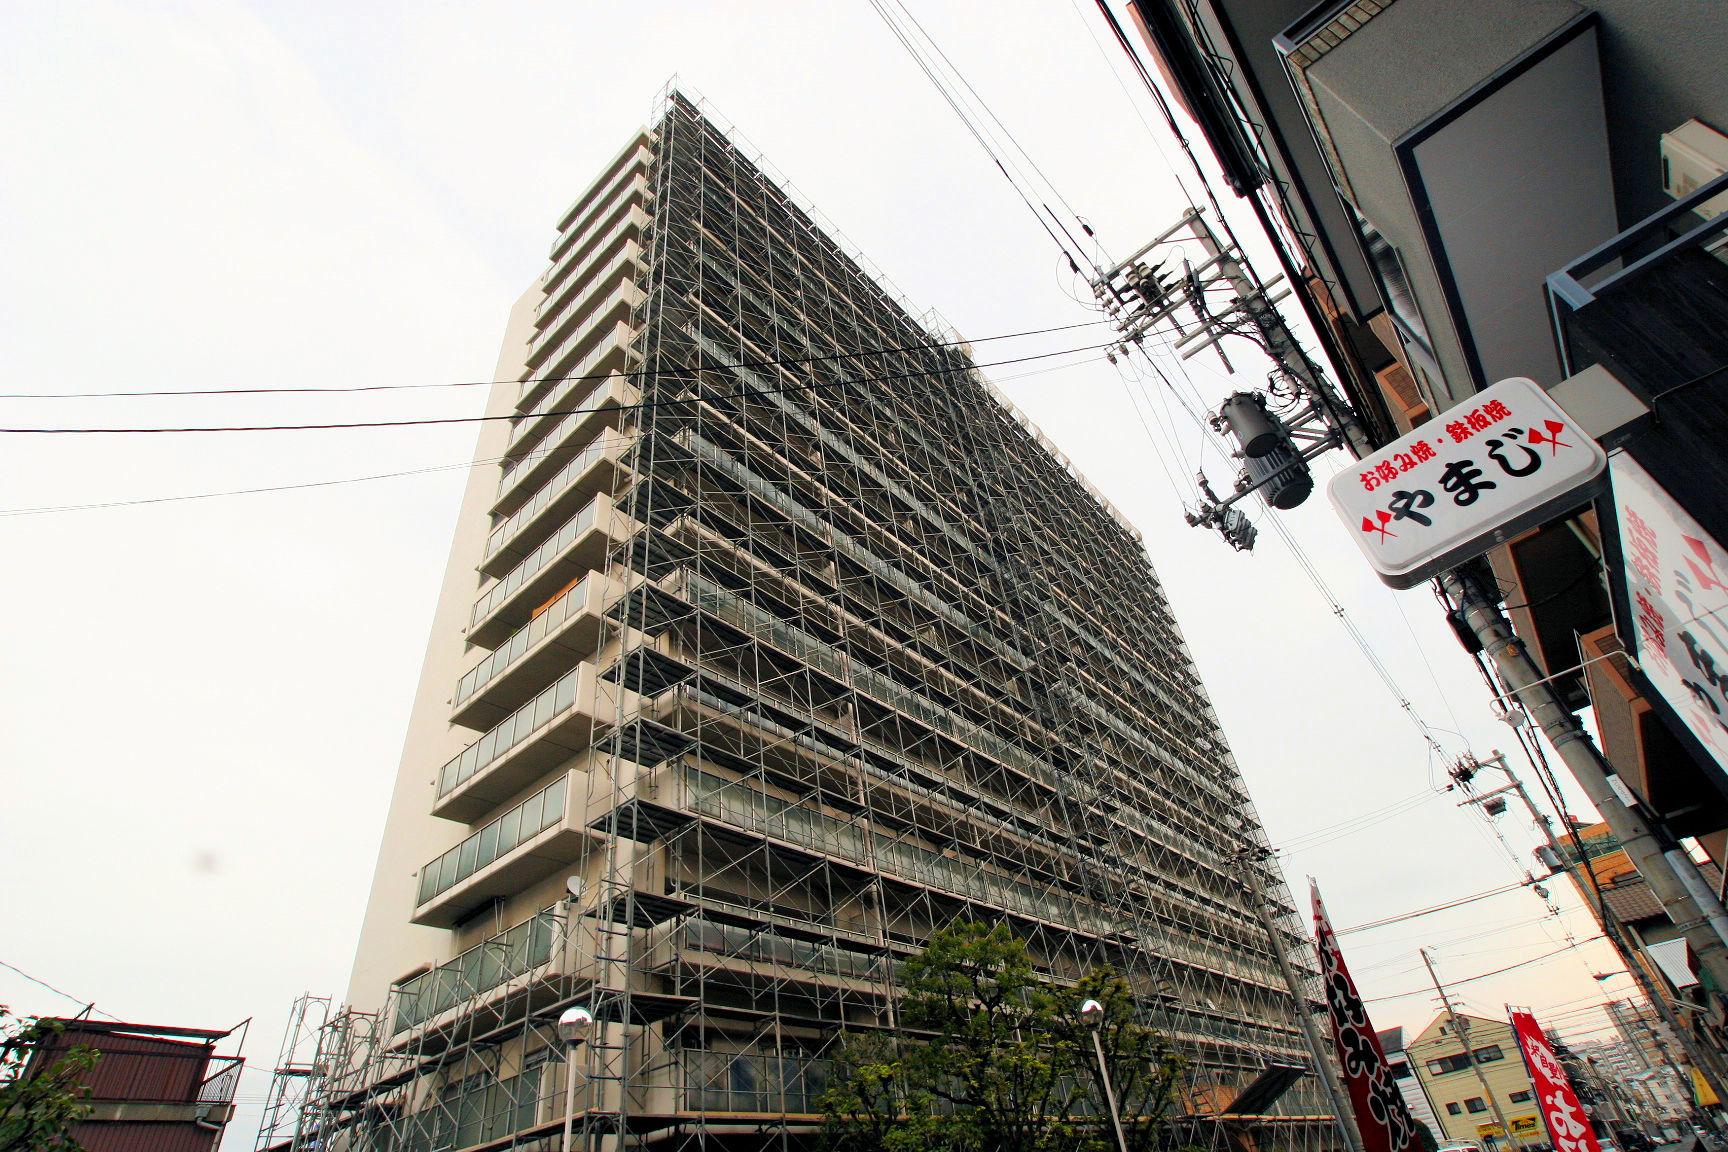 ファミール中加賀屋大規模修繕工事(大阪府大阪市)